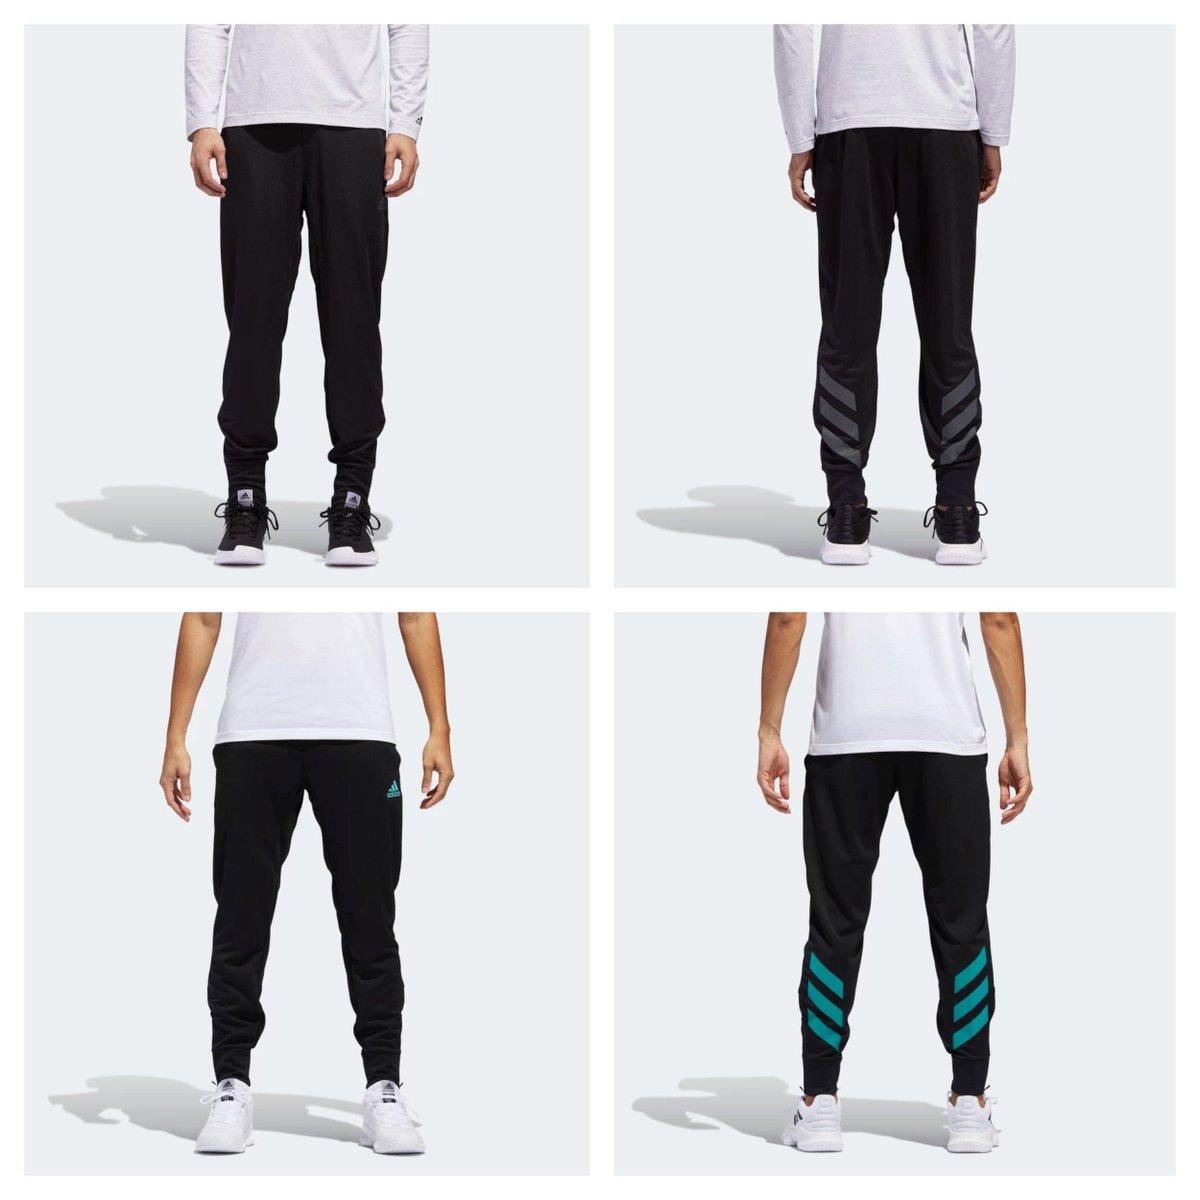 adidas pants deals